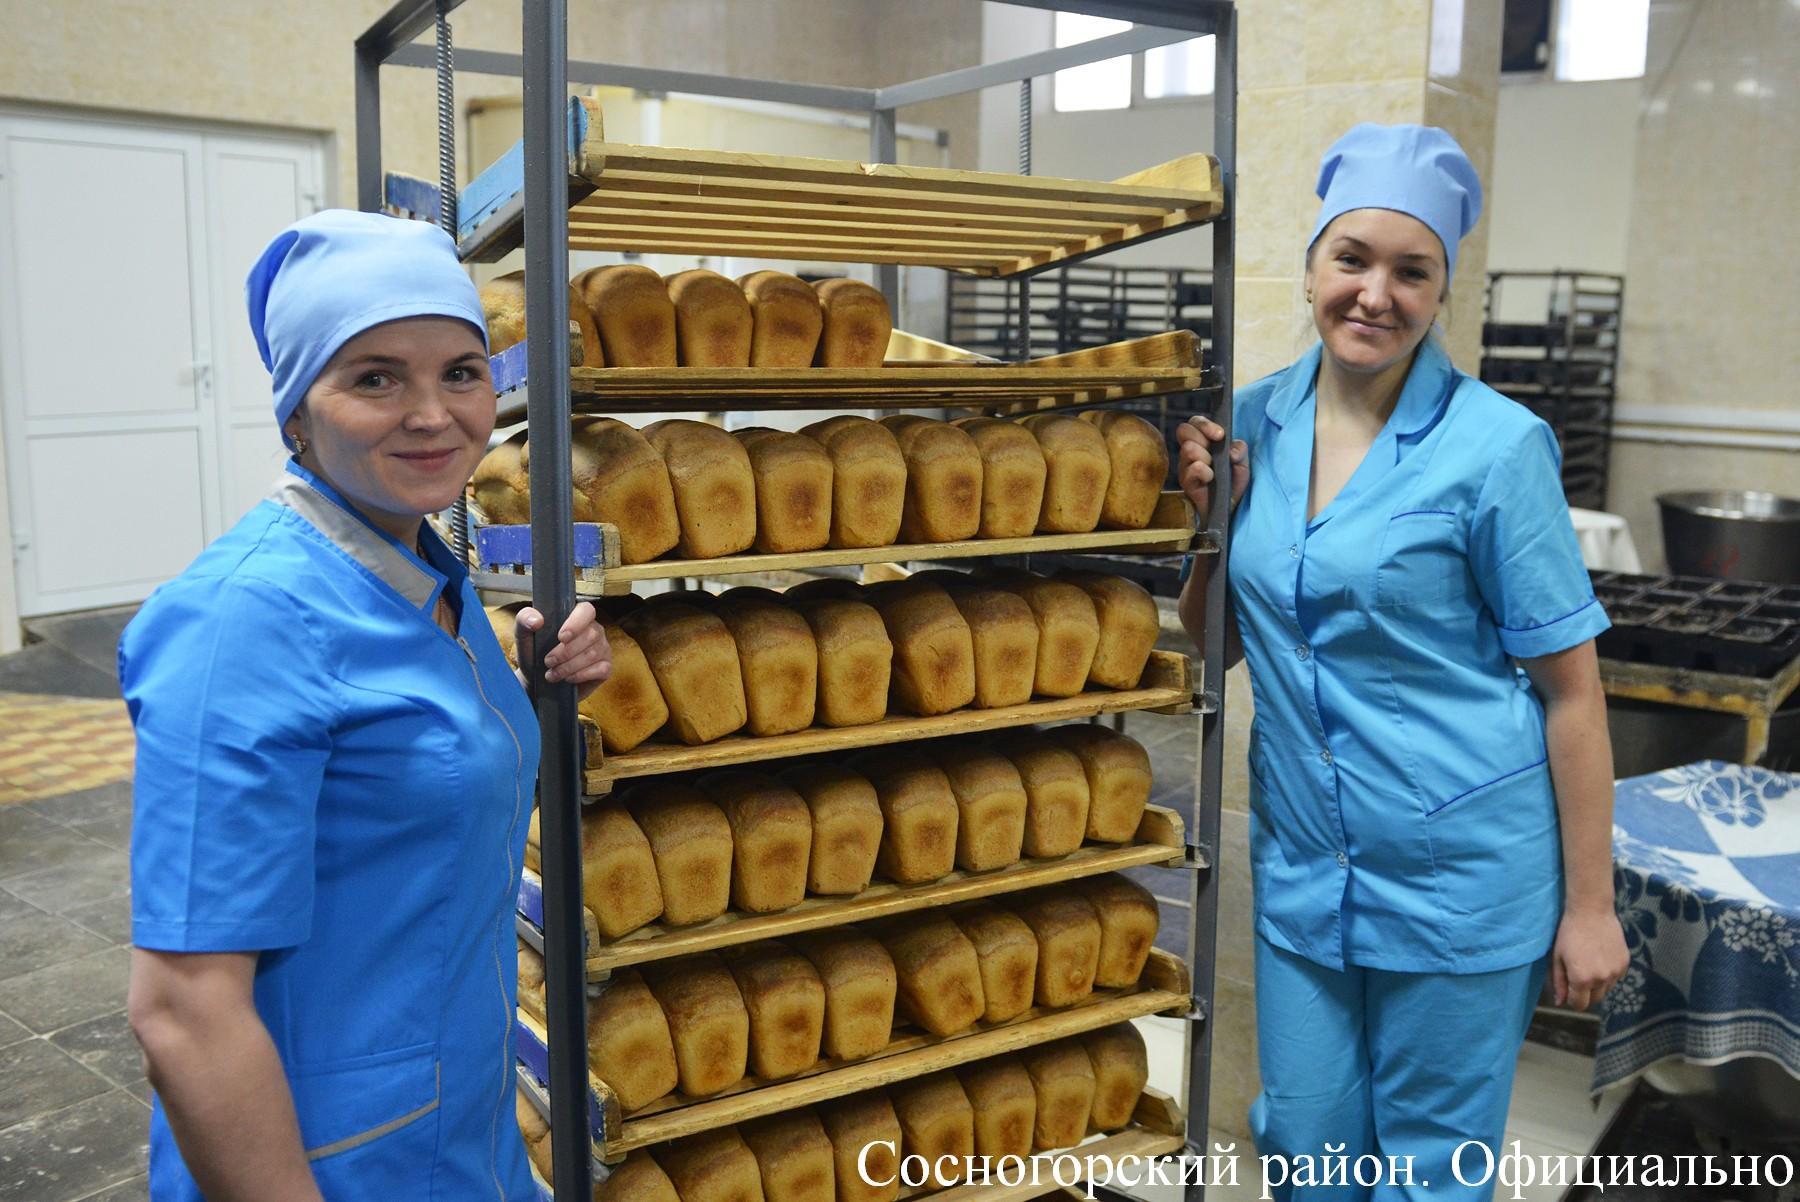 Народный проект: Нижнеодесская хлебопекарня закупила новое оборудование